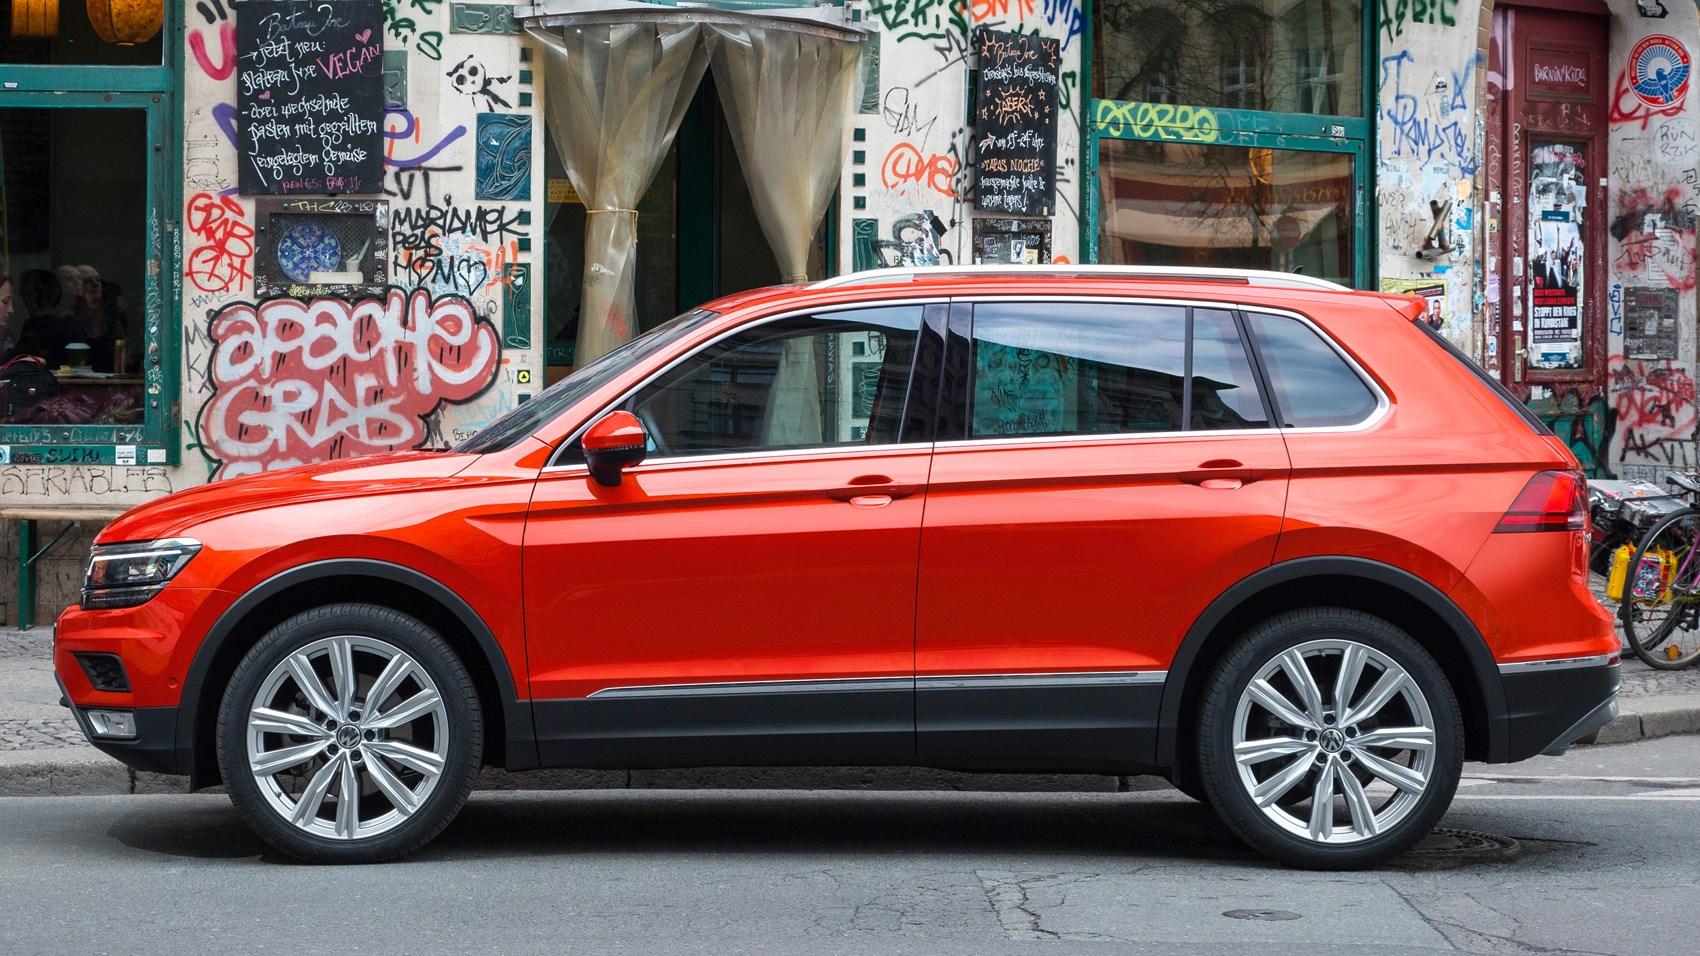 VW Tiguan 2.0 BiTDi SEL (2017) review by CAR Magazine